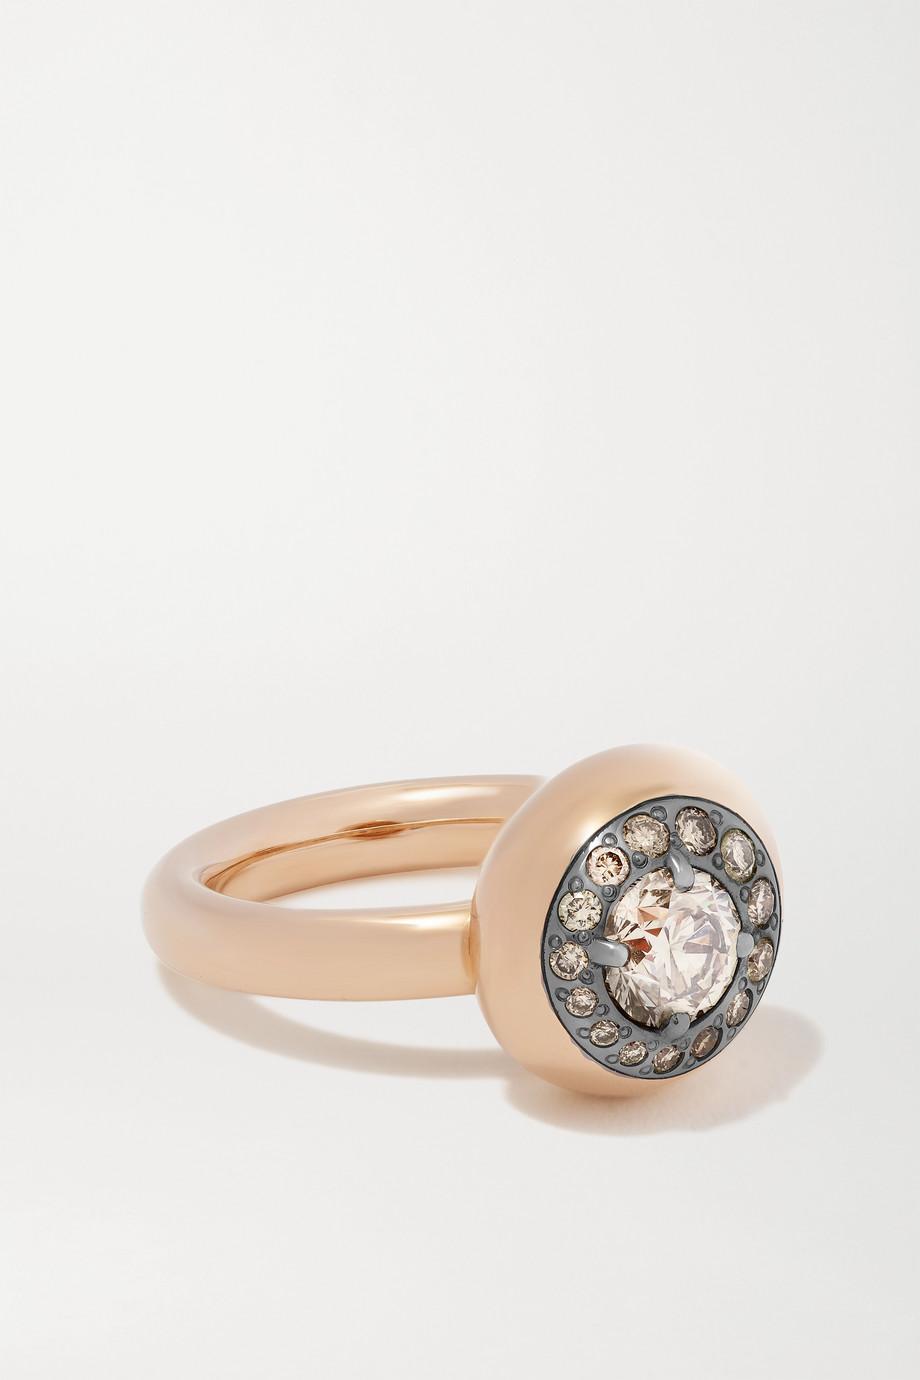 Pomellato Bague en or rose 18 carats et diamants Nuvola